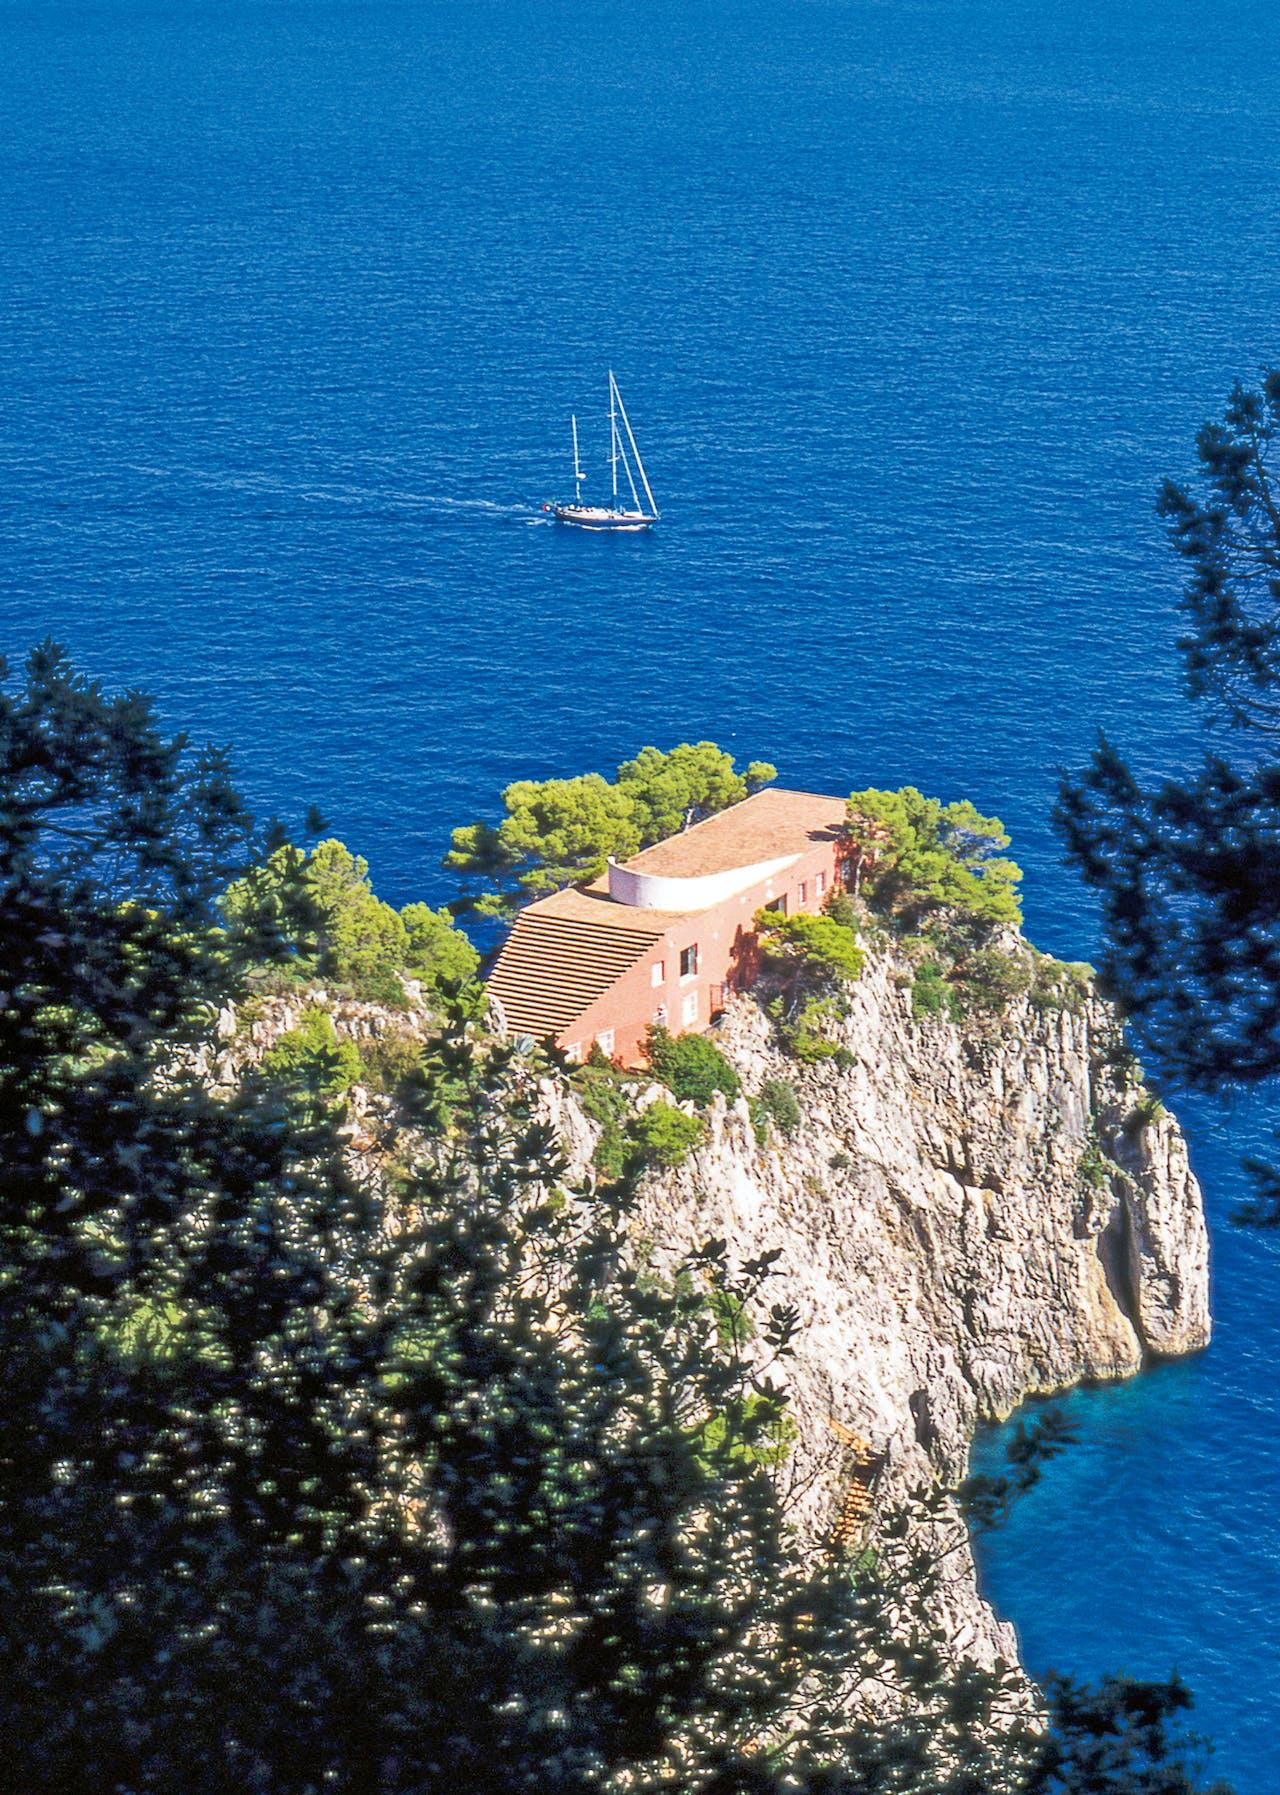 Casa Malaparte op Capri, dat slechts te voet of per boot te bereiken is.